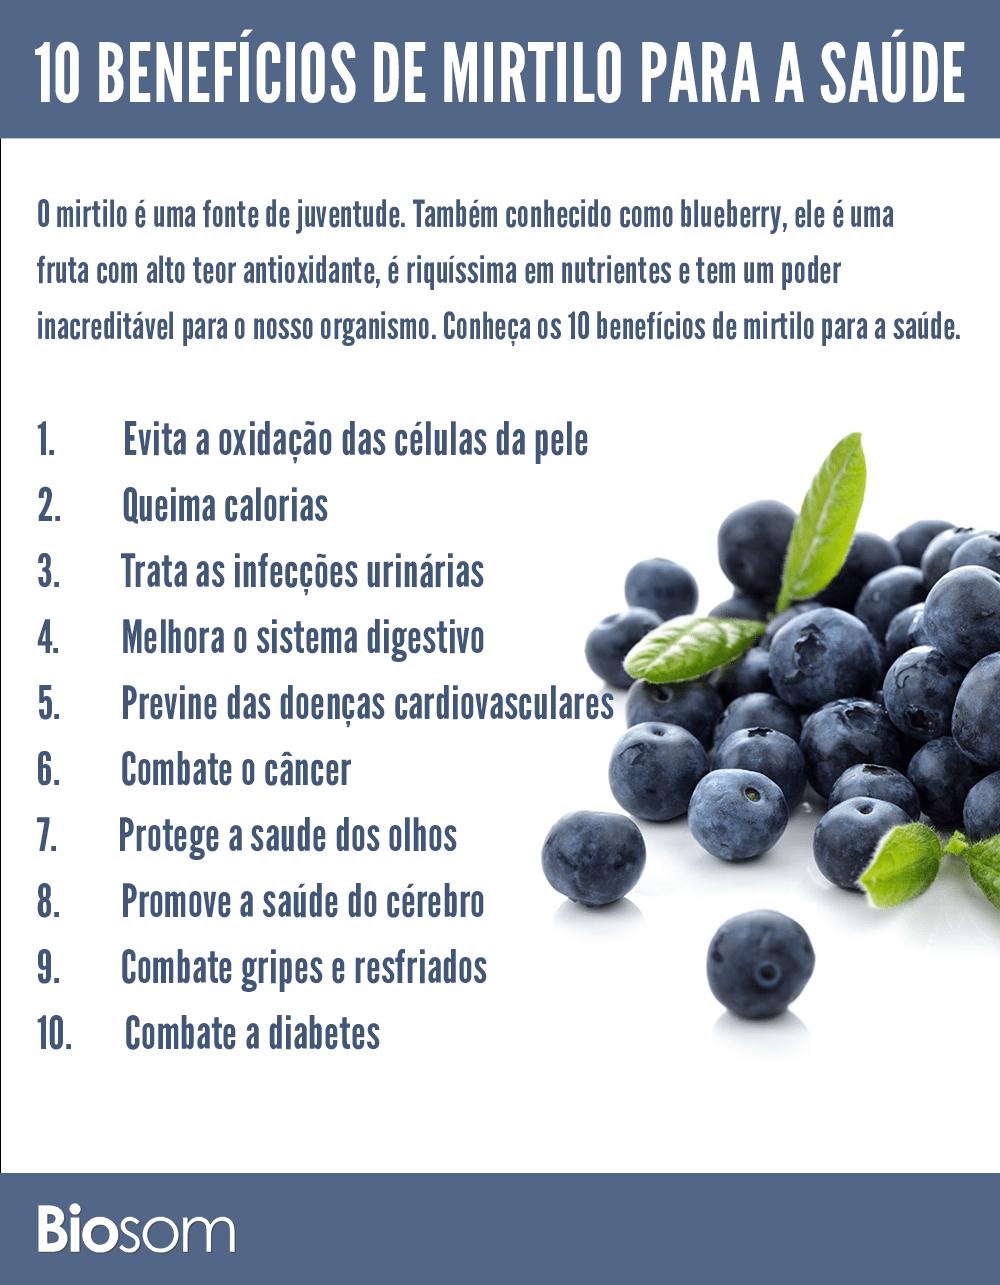 10 benefícios do mirtilo para a saúde - infográfico